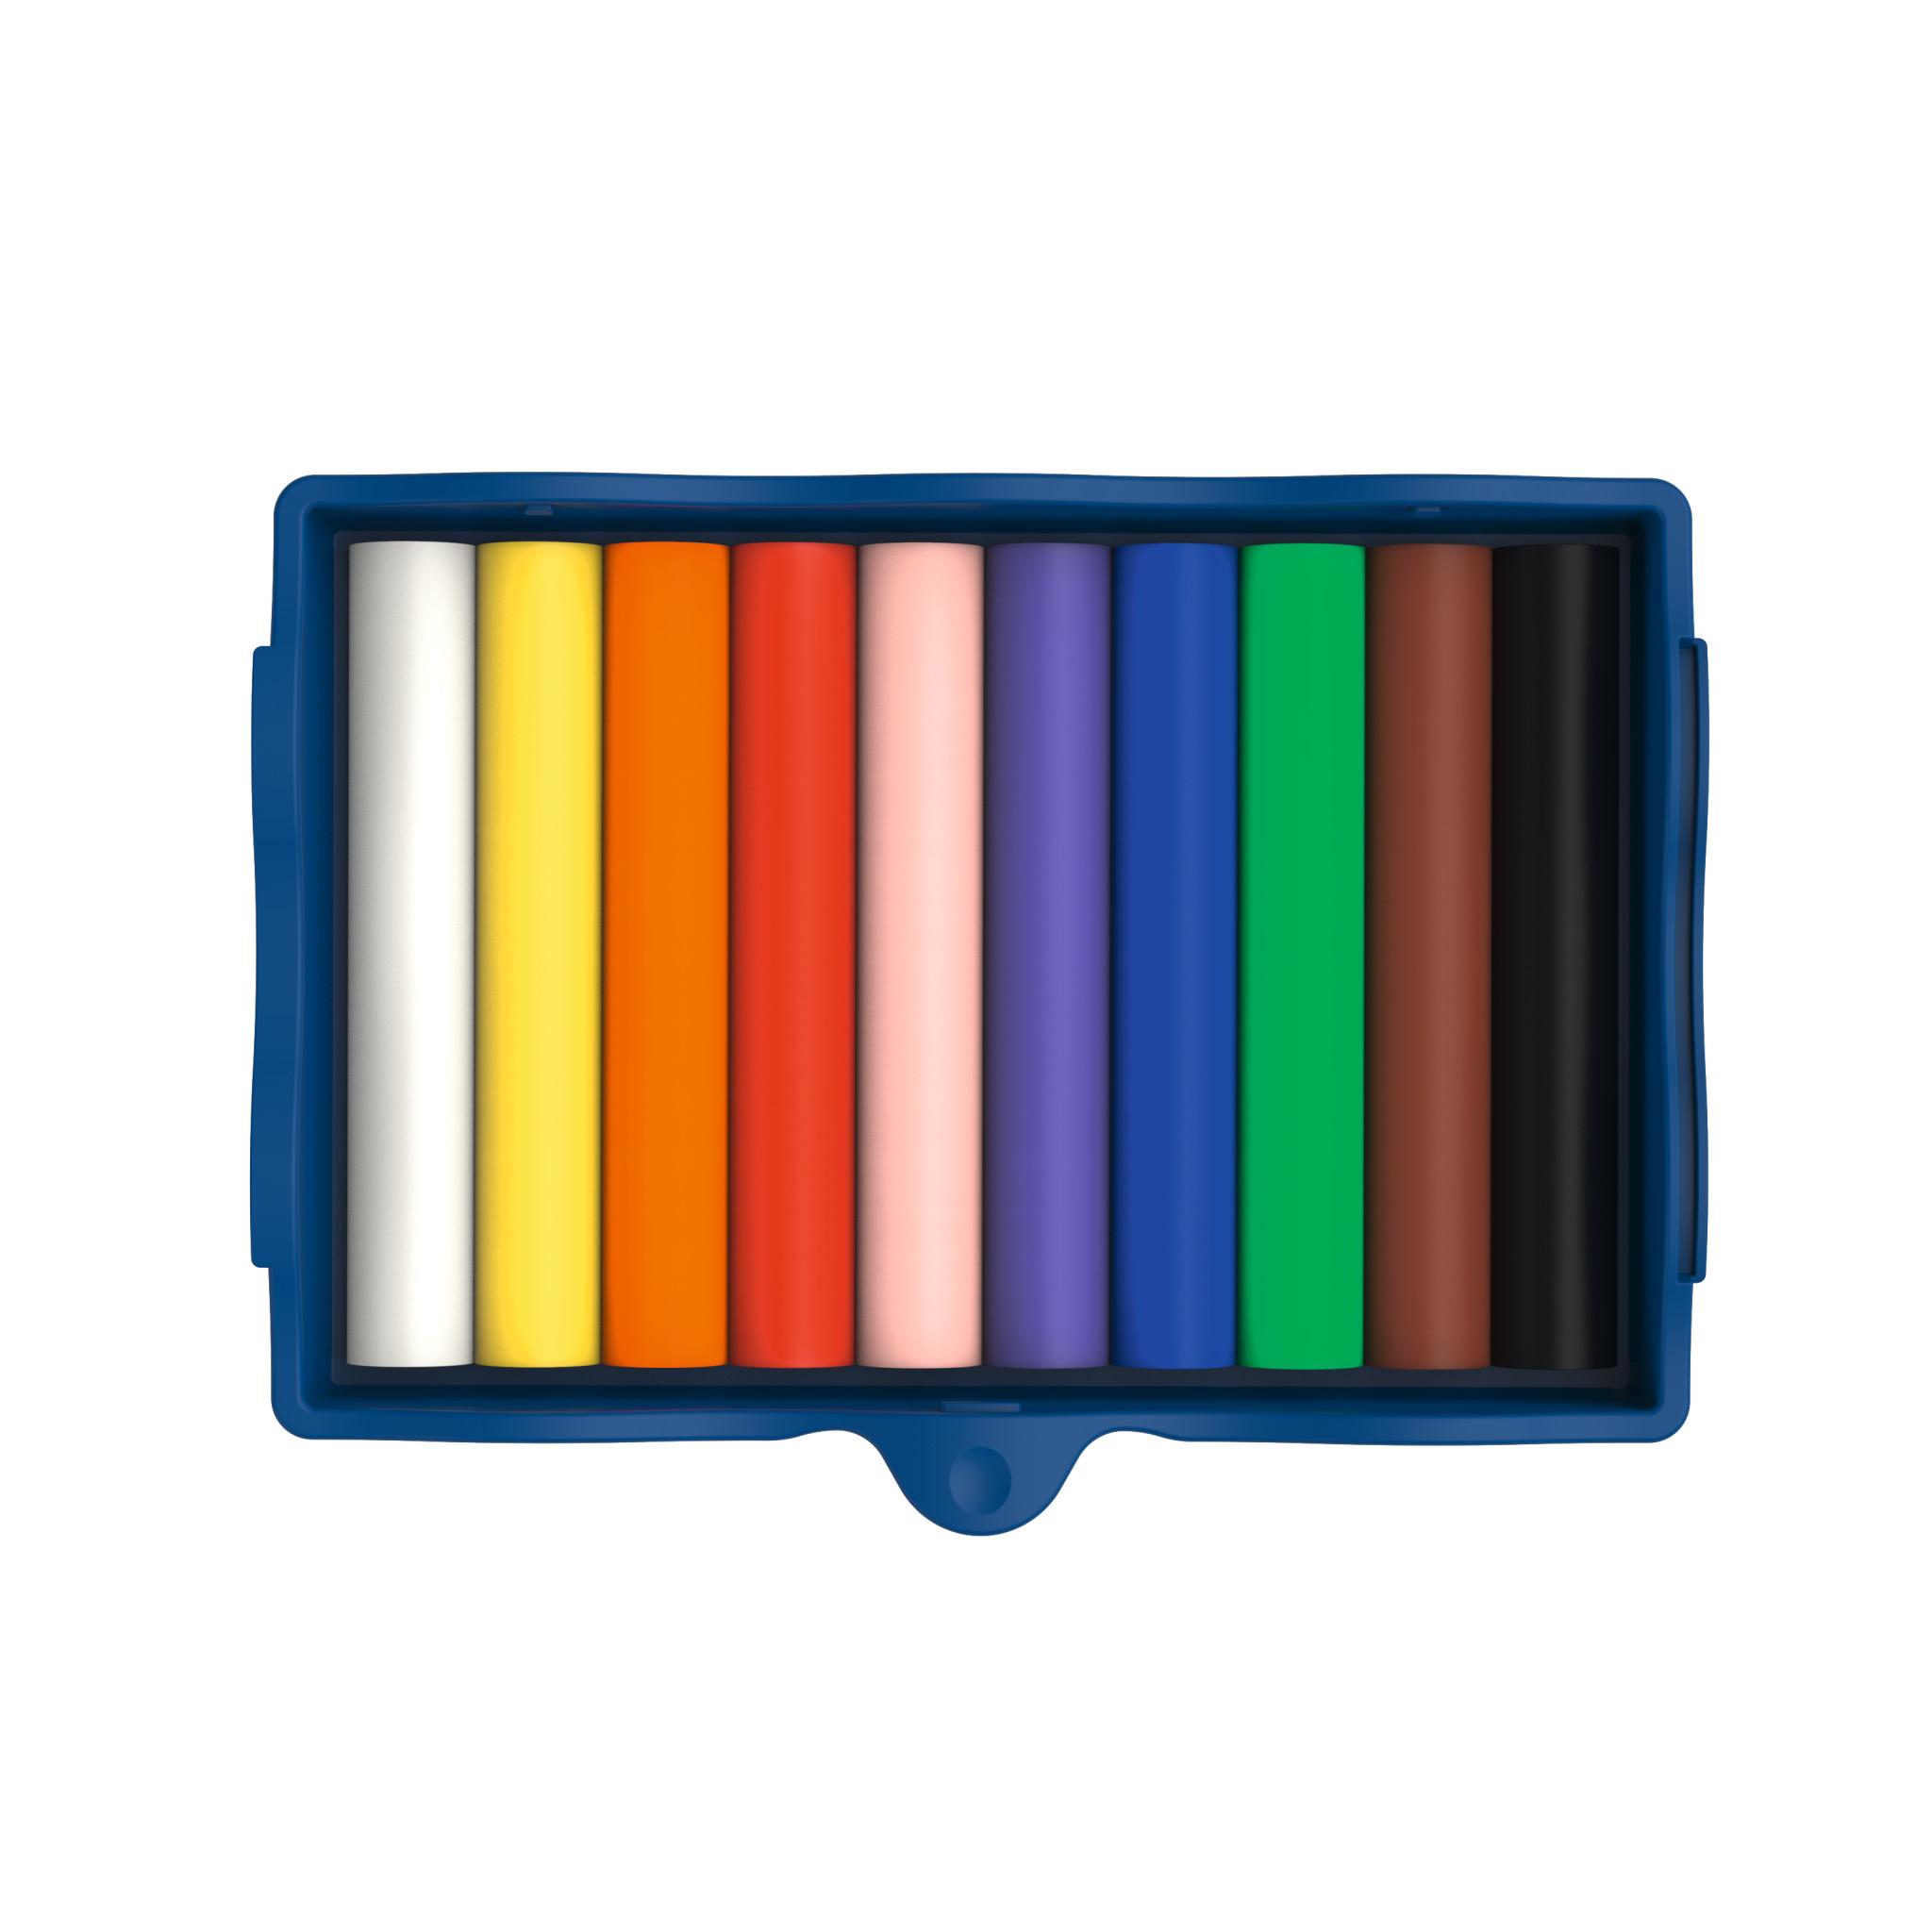 Pelikan Kreativfabrik Creaplast - Modellierton - Schwarz - Blau - Braun - Grün - Orange - Pink - Violett - Rot - Weiß - Gelb - Kinder - 10 Stück(e) - 10 Farben - Junge/Mädchen